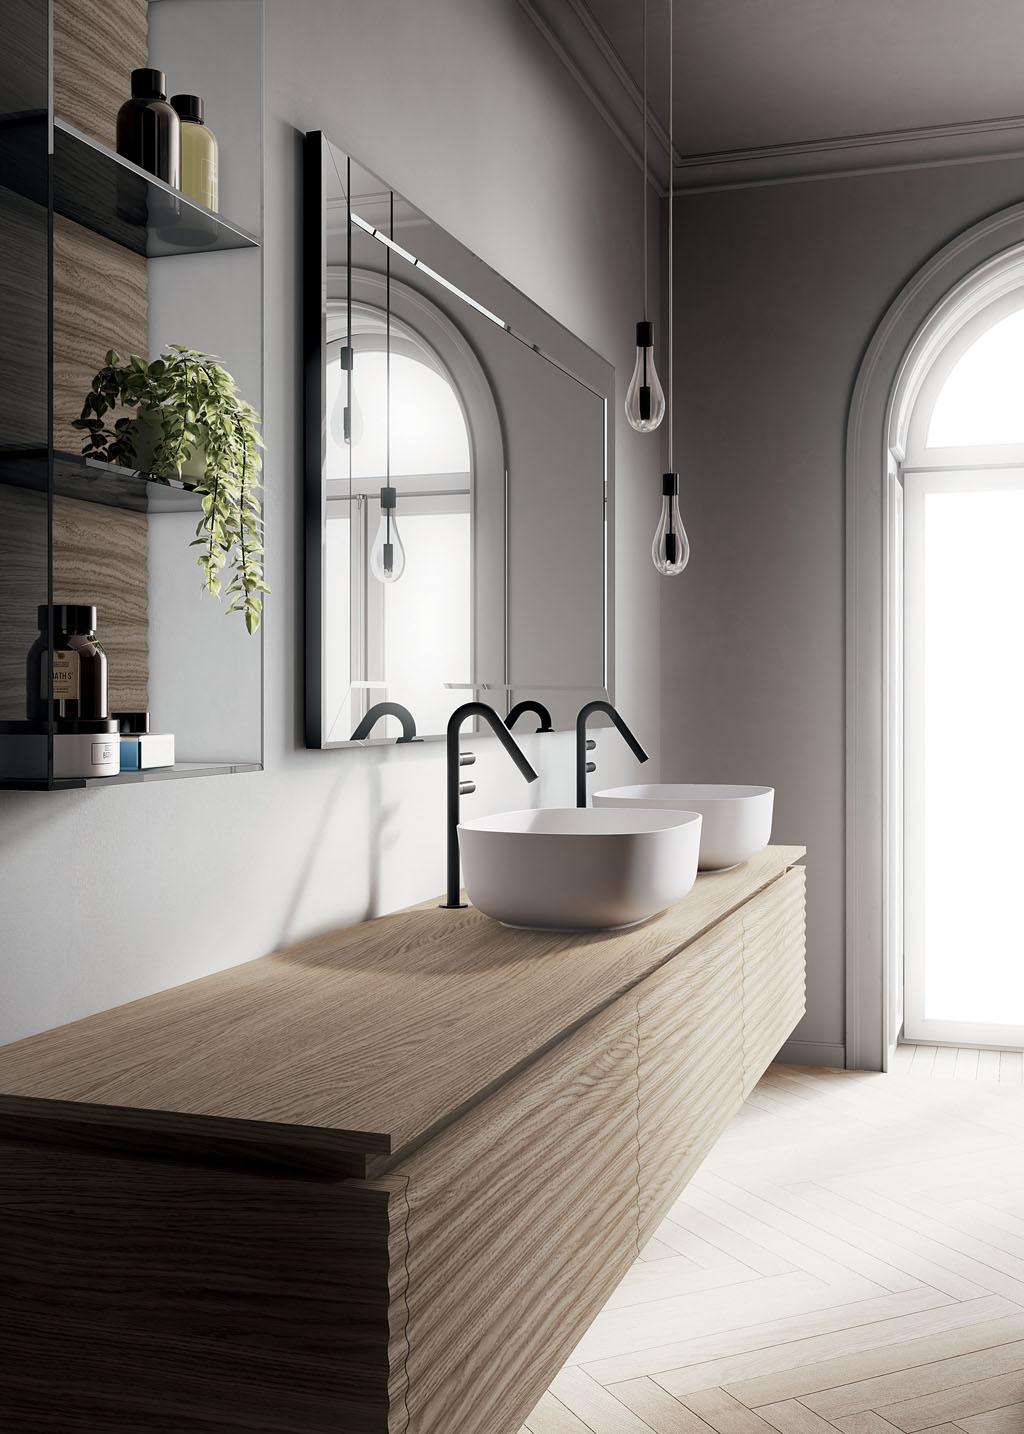 Mobile Bagno Lavandino Incasso doppio lavabo e altre soluzioni per non litigare - ideagroup